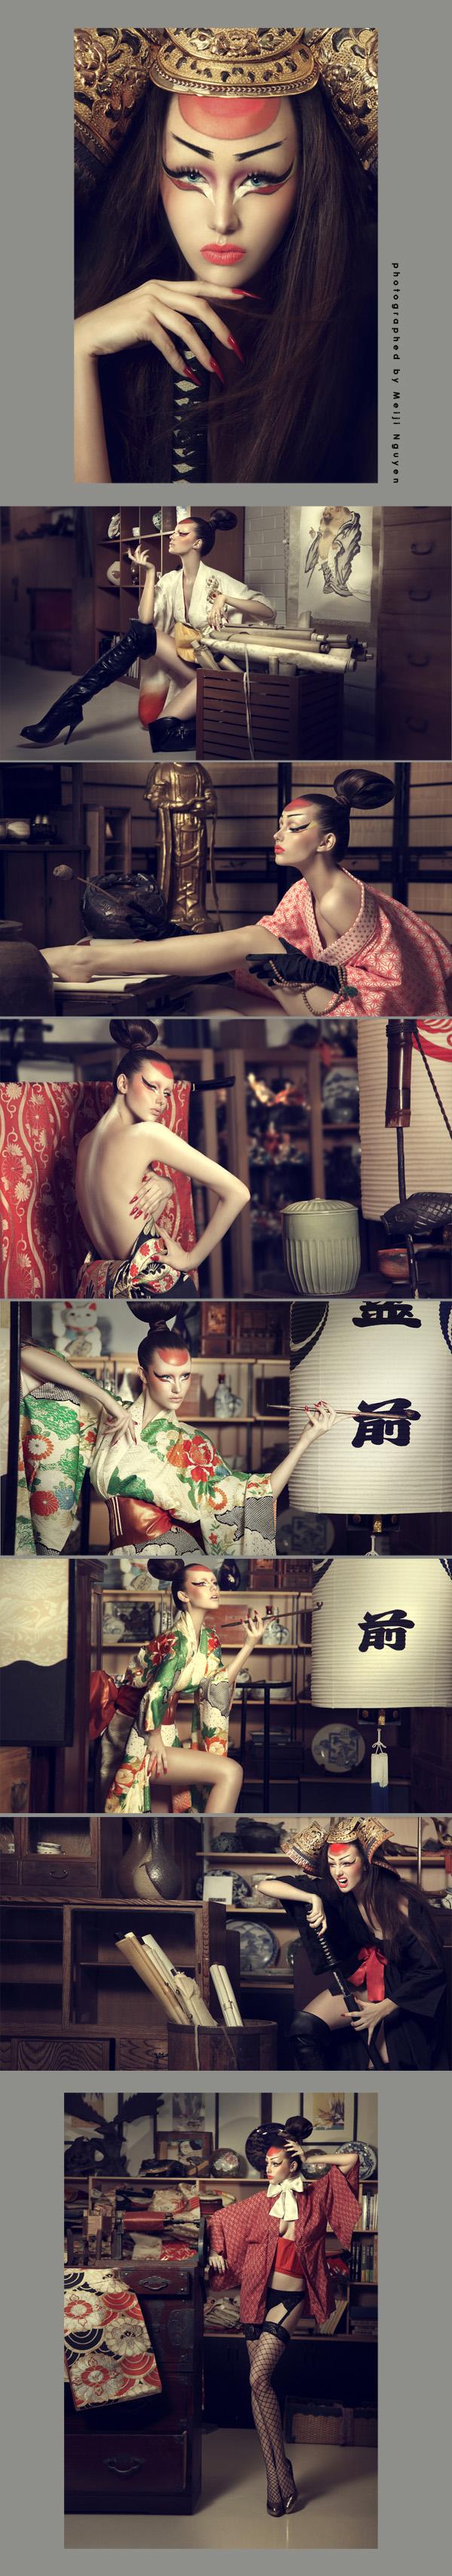 Apr 25, 2011 Meiji Nguyen - www.meijinguyen.com